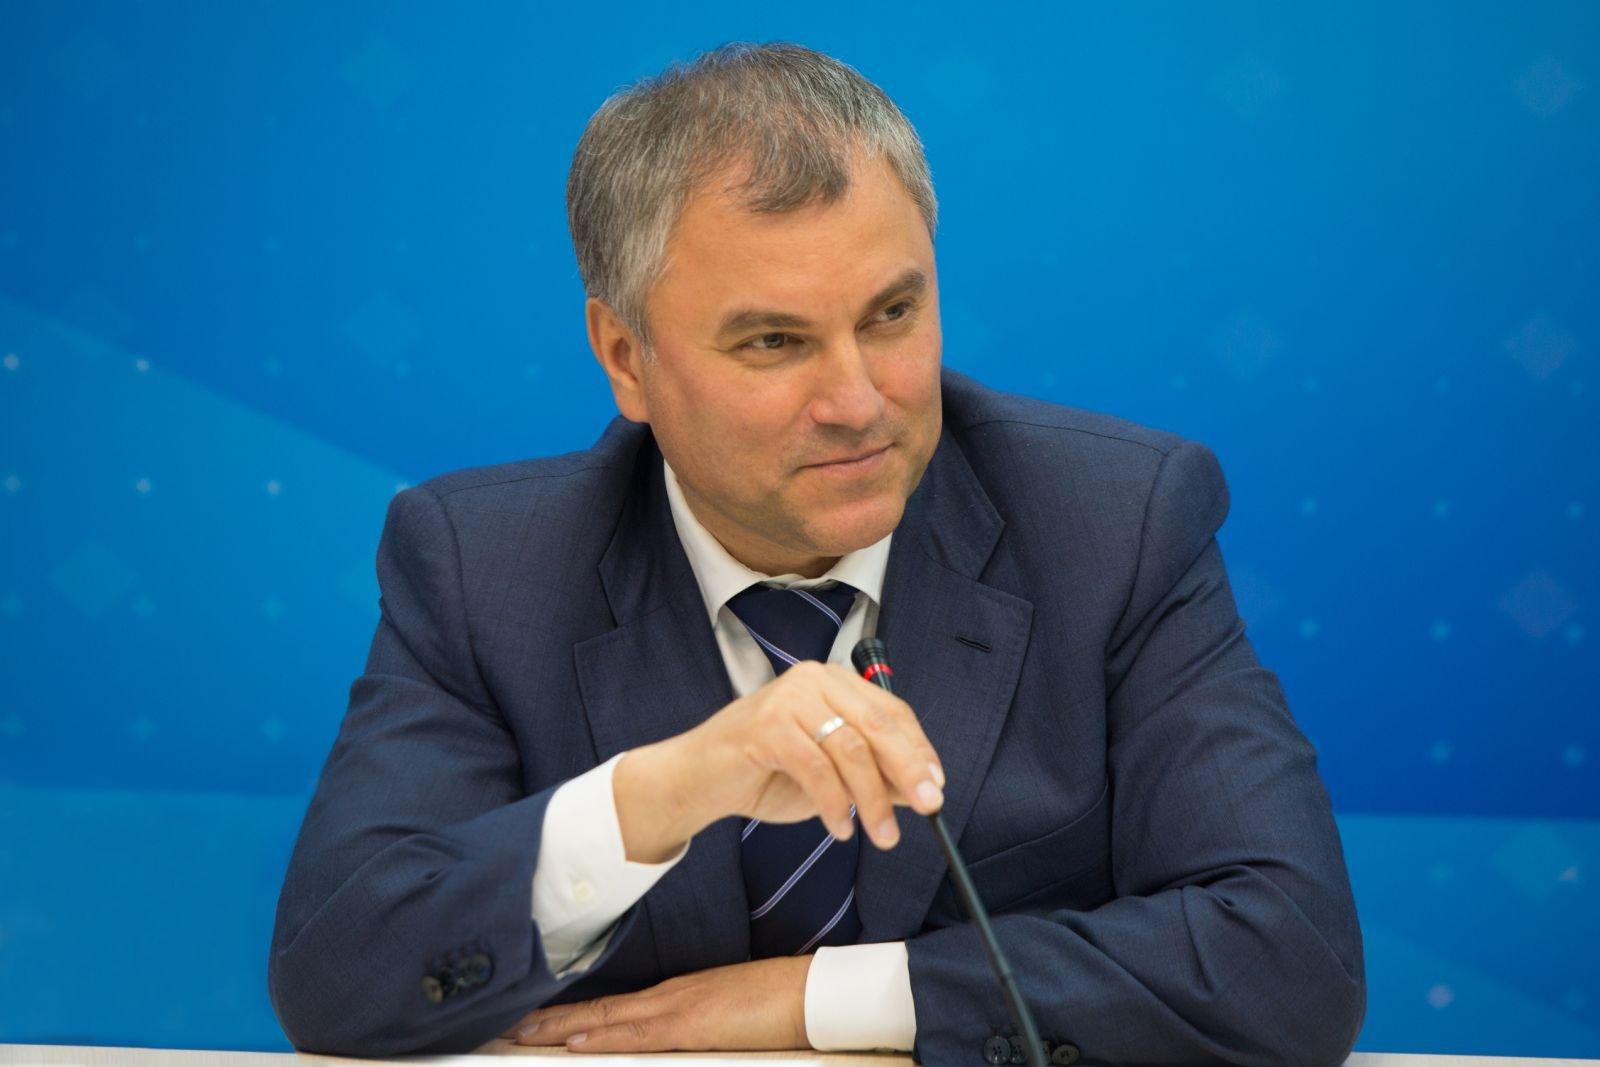 Володин: депутаты-прогульщики помогли Российской Федерации на30 млн руб.